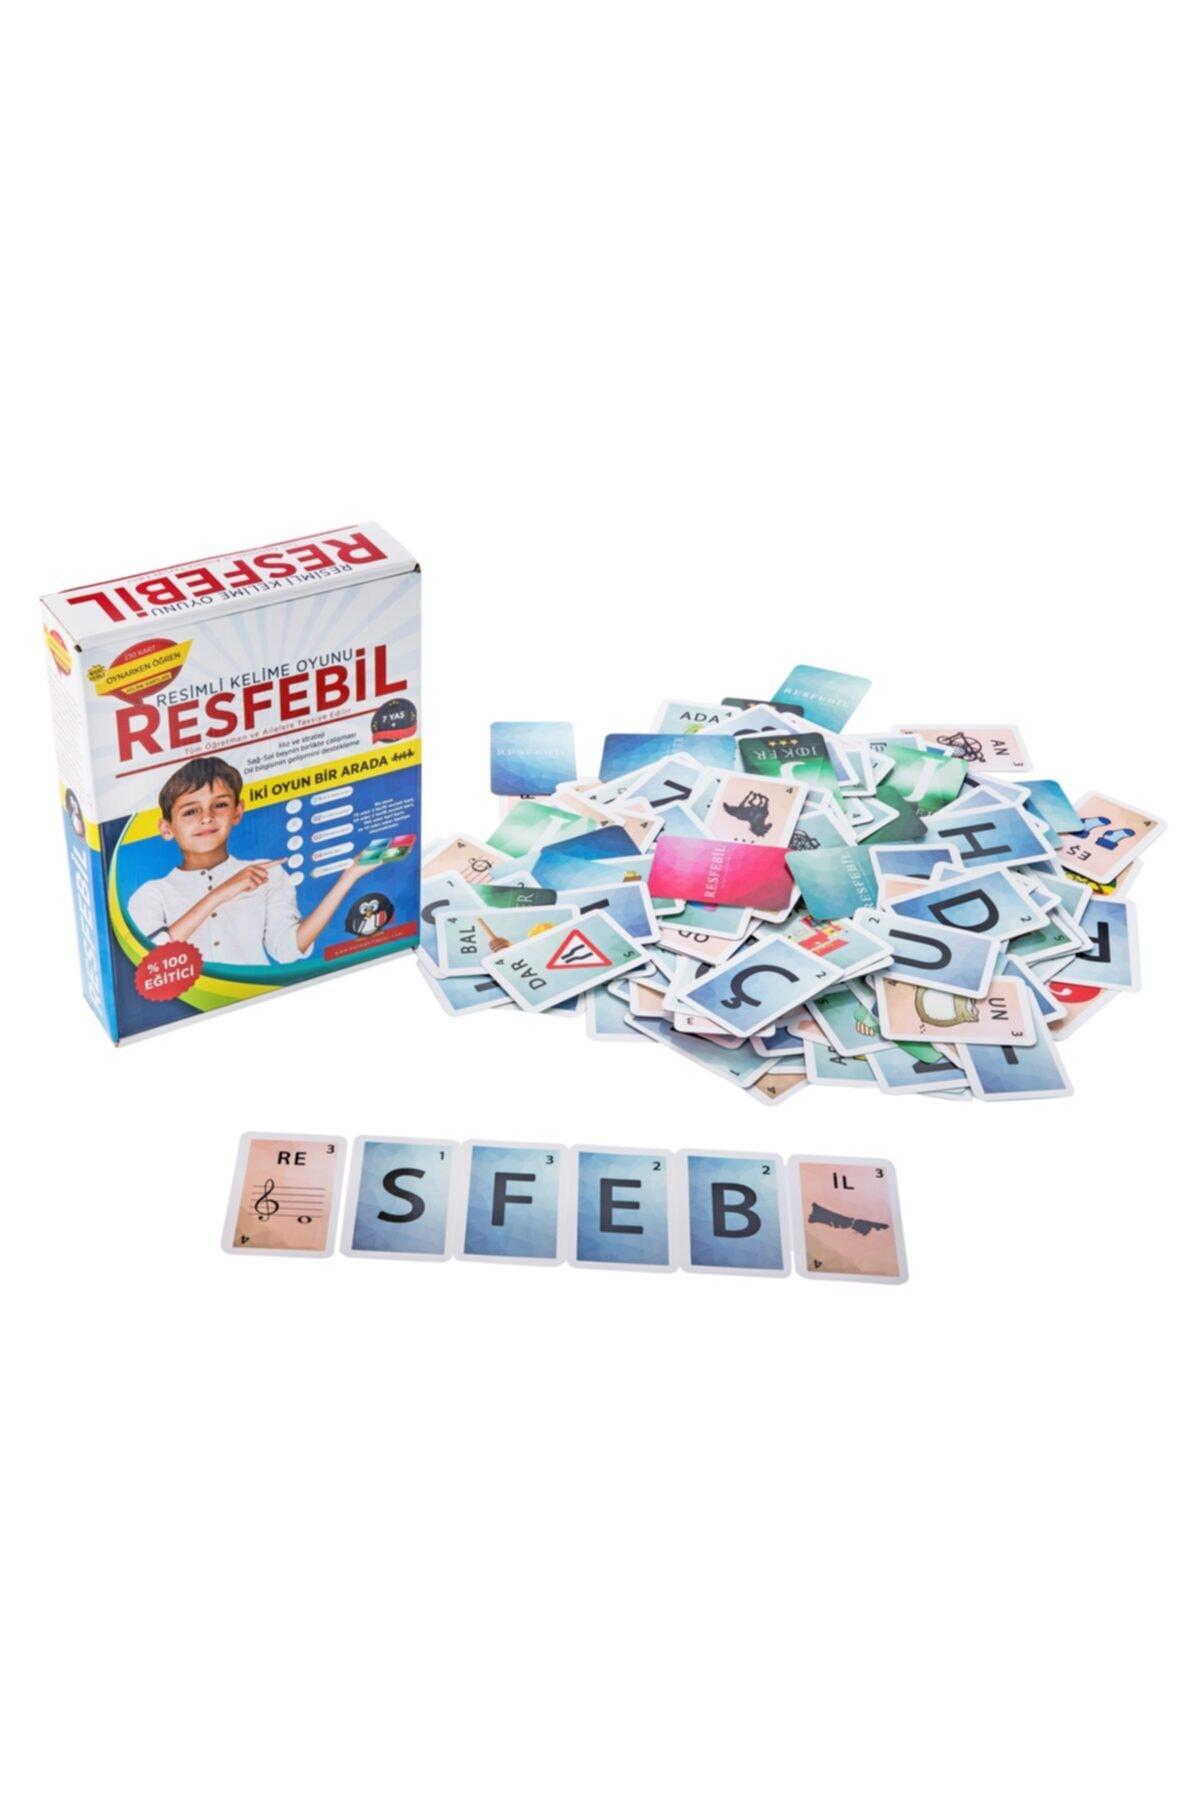 Karma Kitaplar Resfebil Resimli Kelime Oyunu - Aktivite Ve Eğitici Kitap - Zeka Gelişimi 1